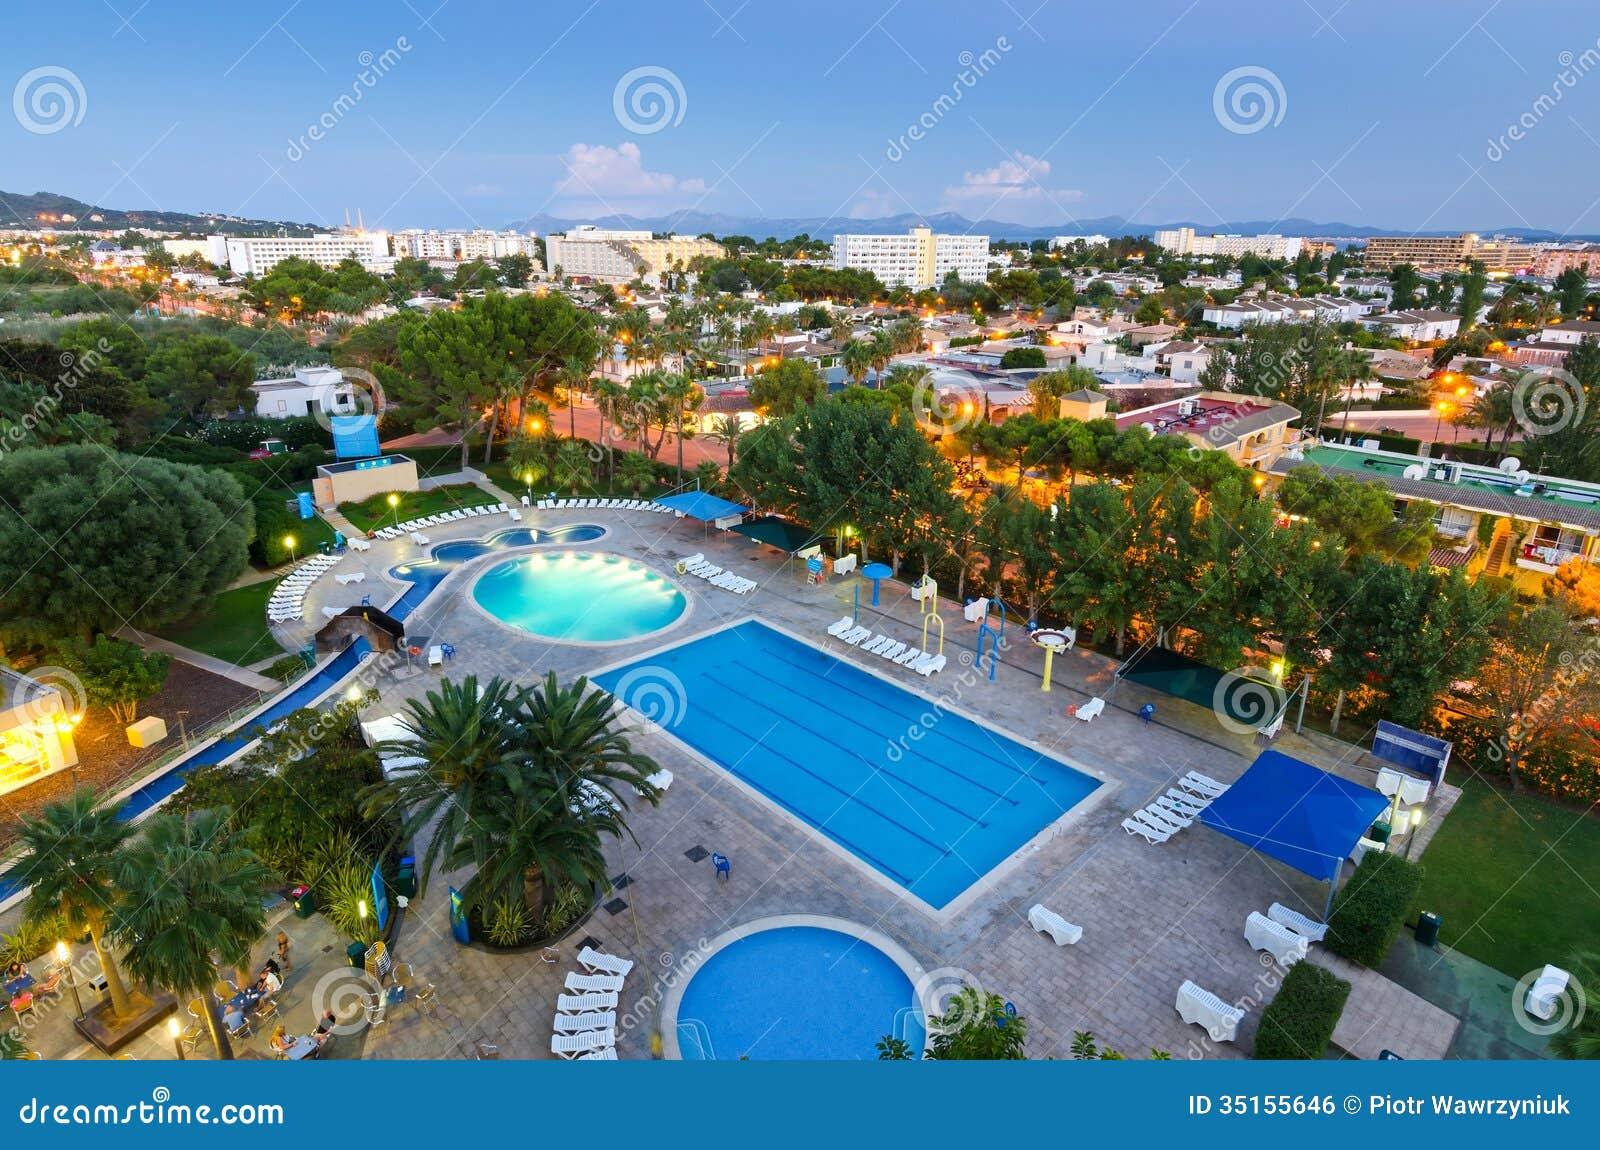 Ypperlig Alcudia Stad På Aftonen - Sikt Från Hotell Redaktionell Bild UN-44